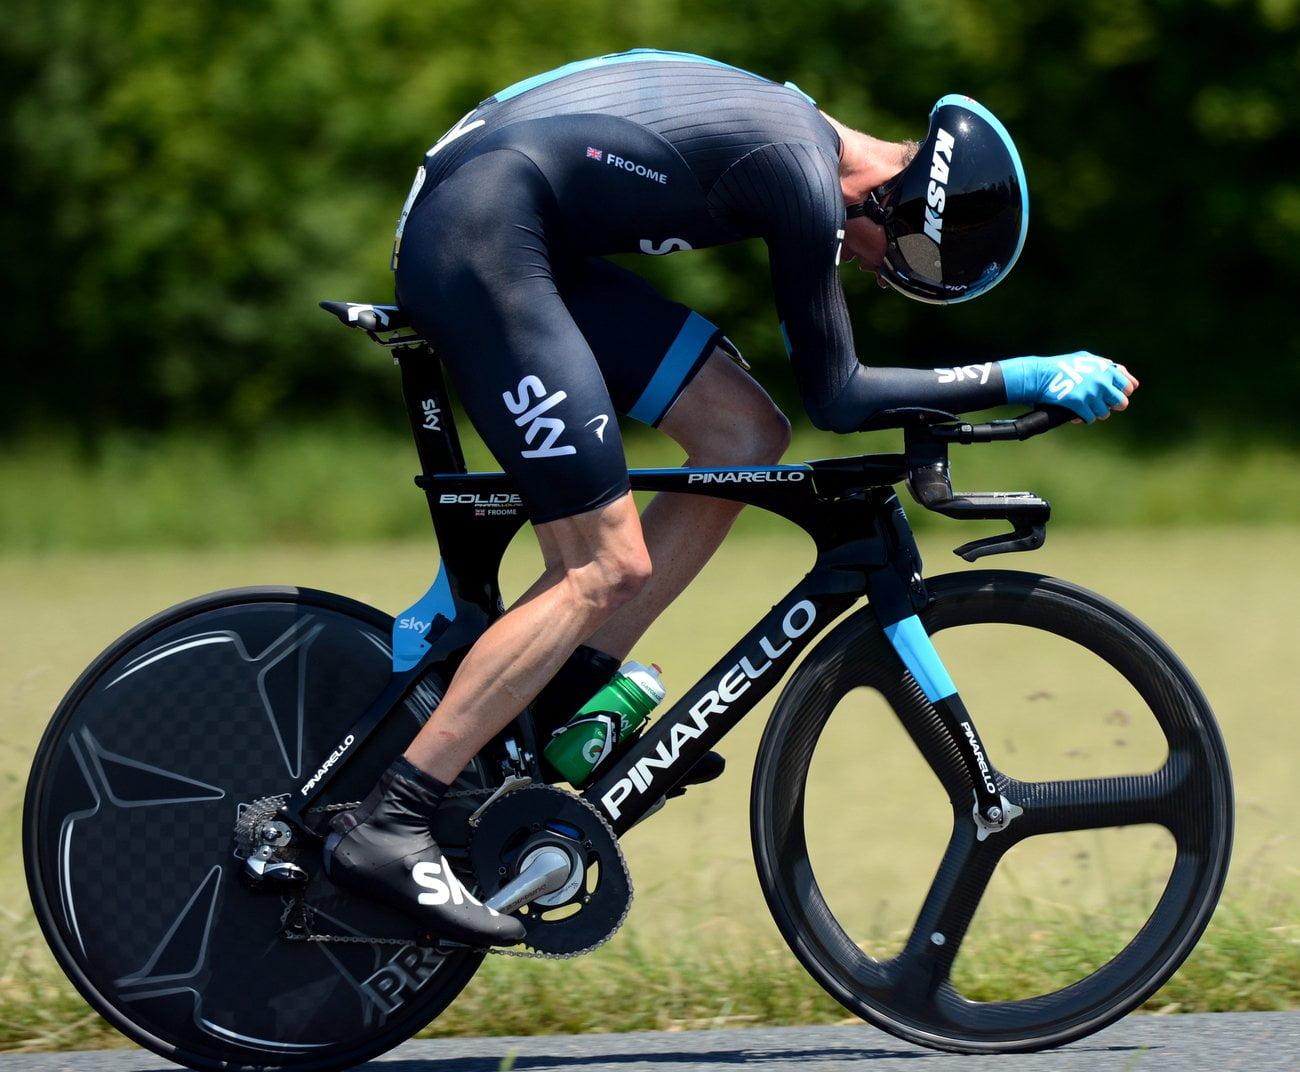 Chris Froome durante o contra relógio da primeira etapa  Fonte: cyclingnews.com